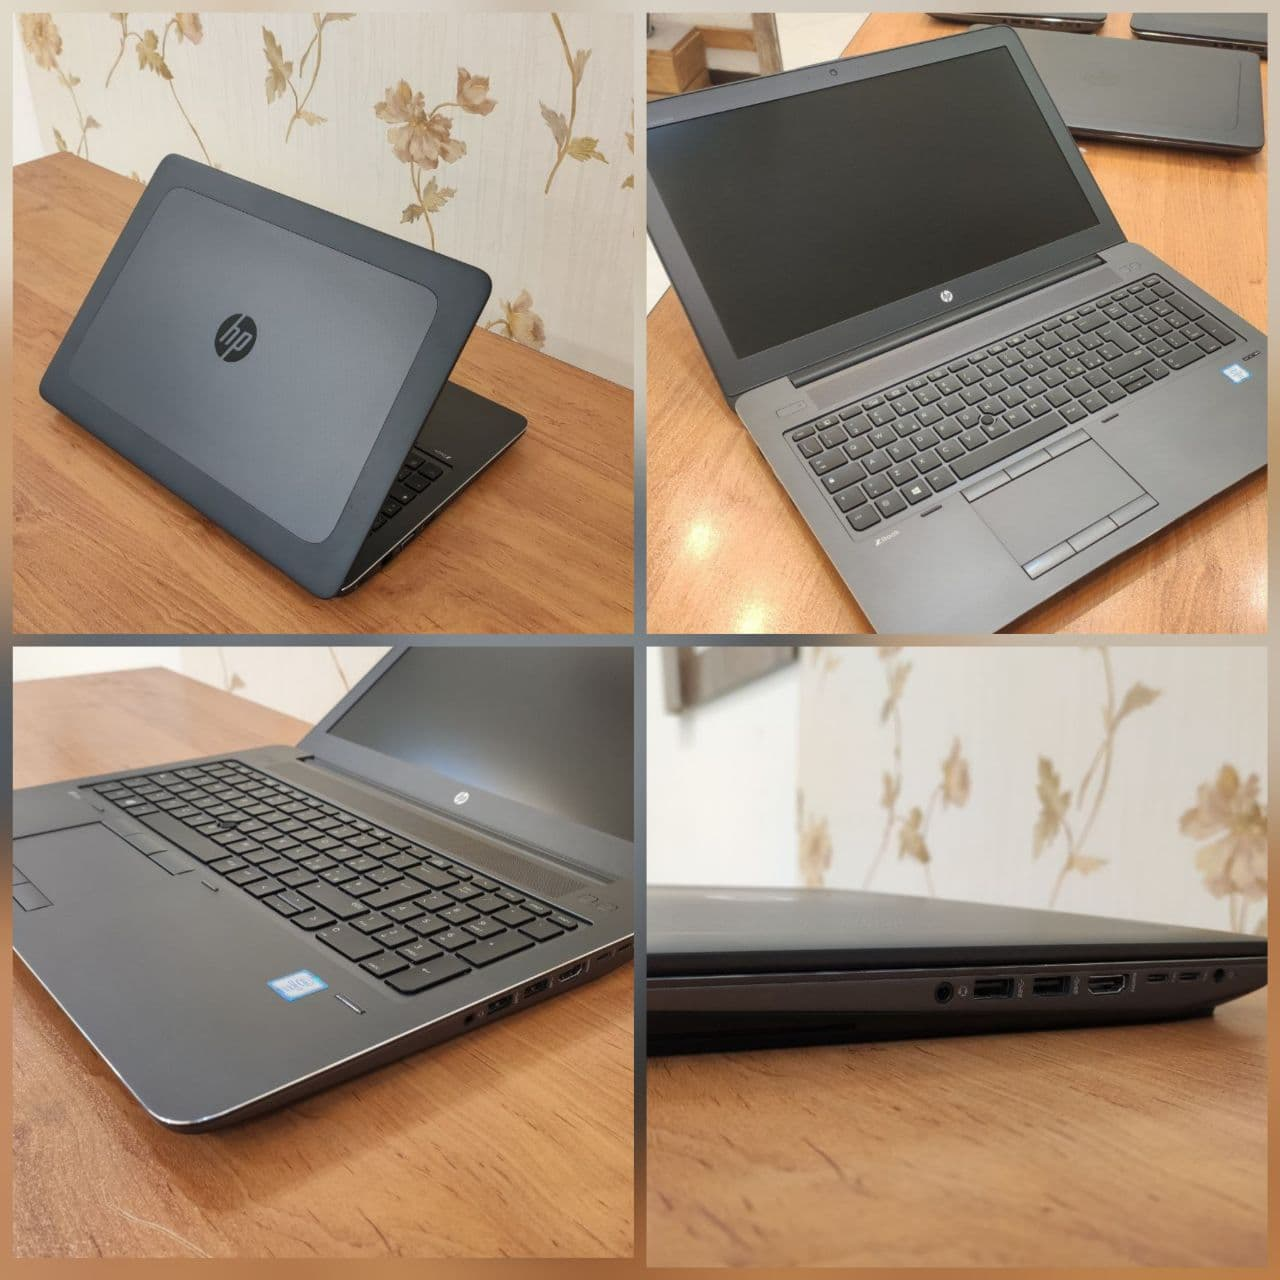 HP ZBOOK 15 G3 - i7_6th/2G/15